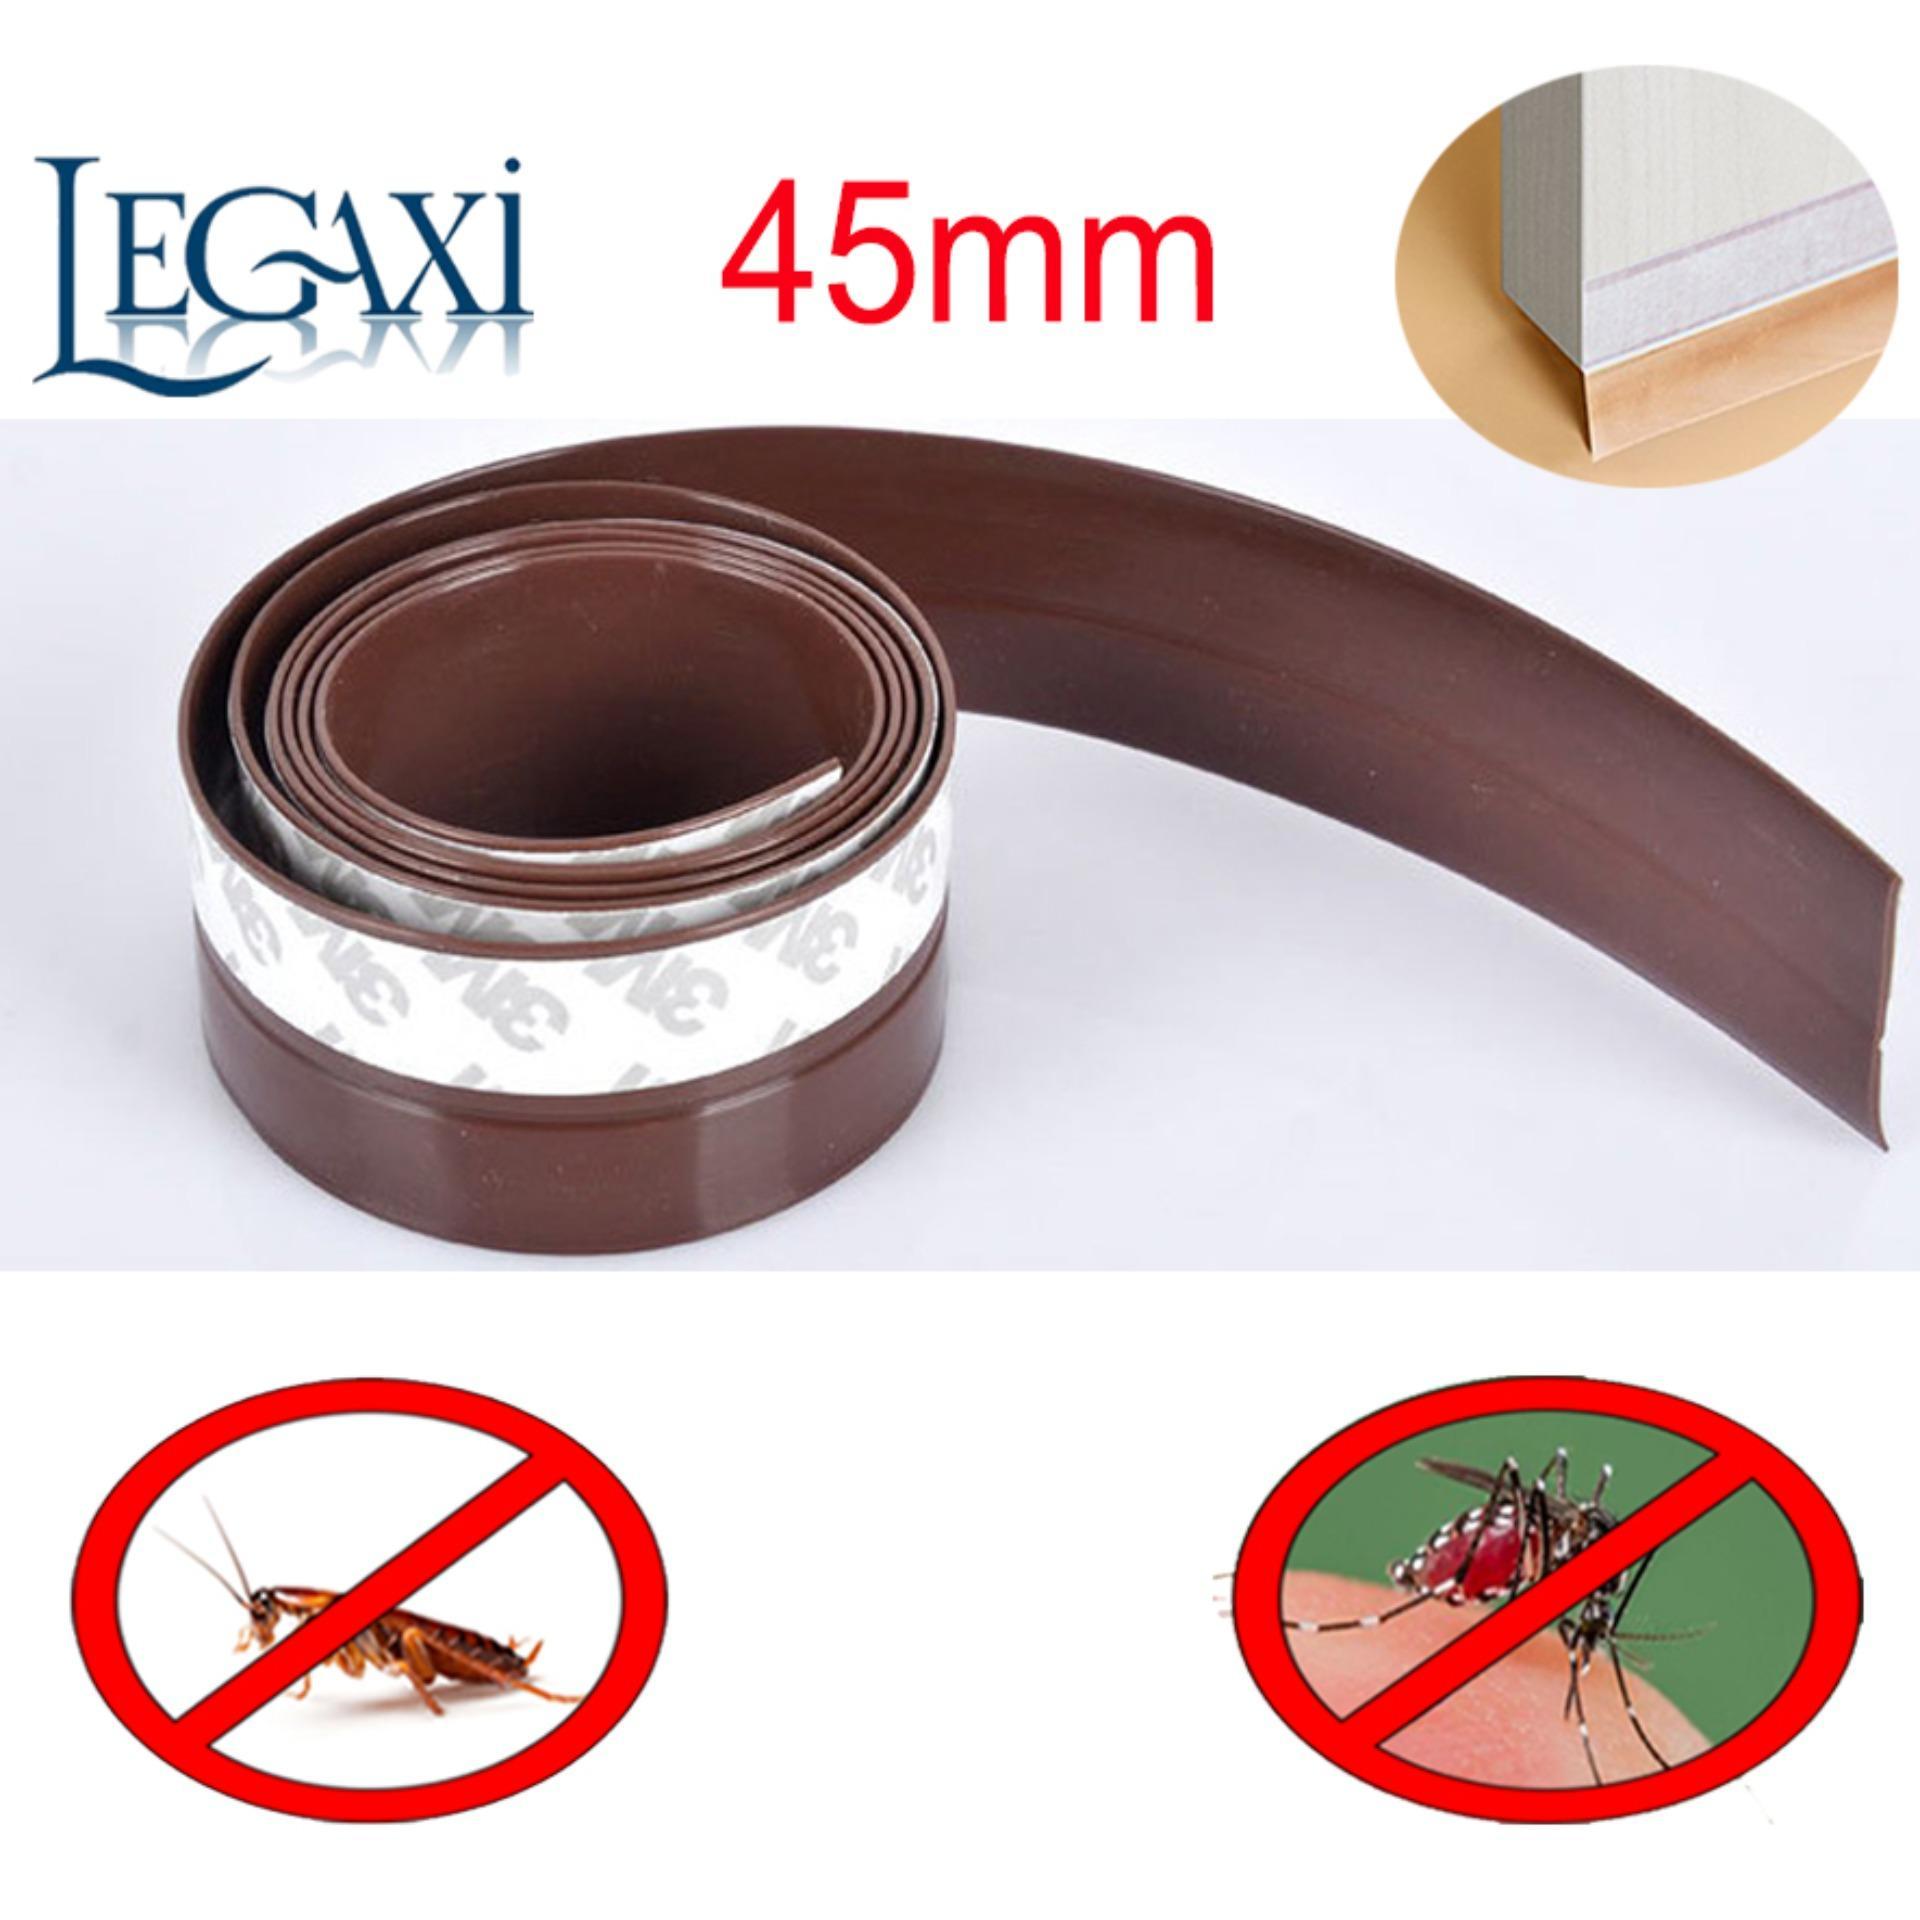 Hình ảnh Ron Dán Chân Cửa Dài 2 mét Che Khe Hở Ngăn Côn Trùng Ruỗi Muỗi Gián Rộng 45mm Legaxi SWD7